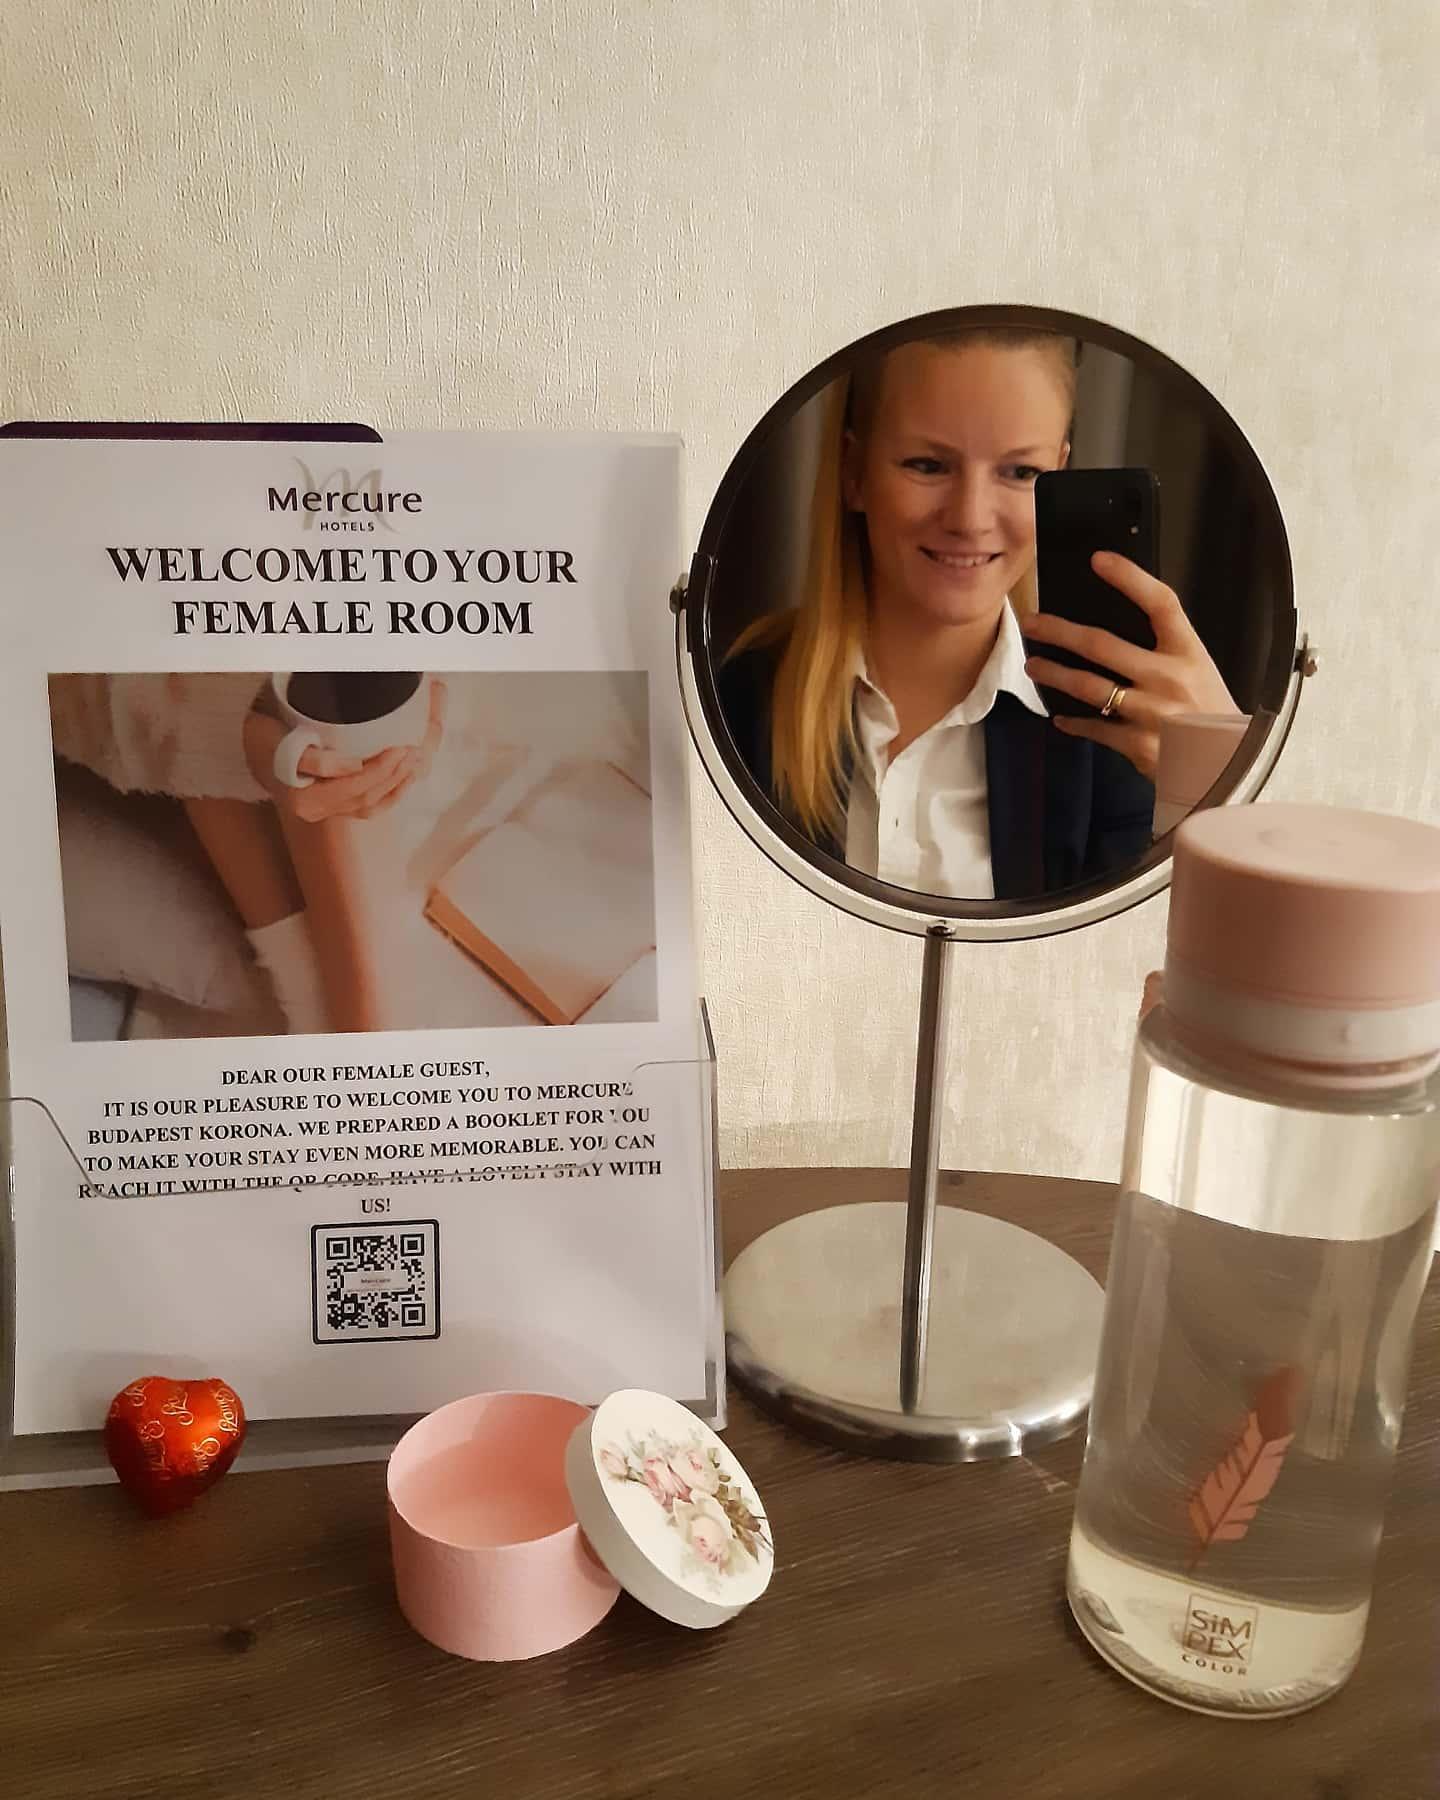 női szállodai szoba budapest